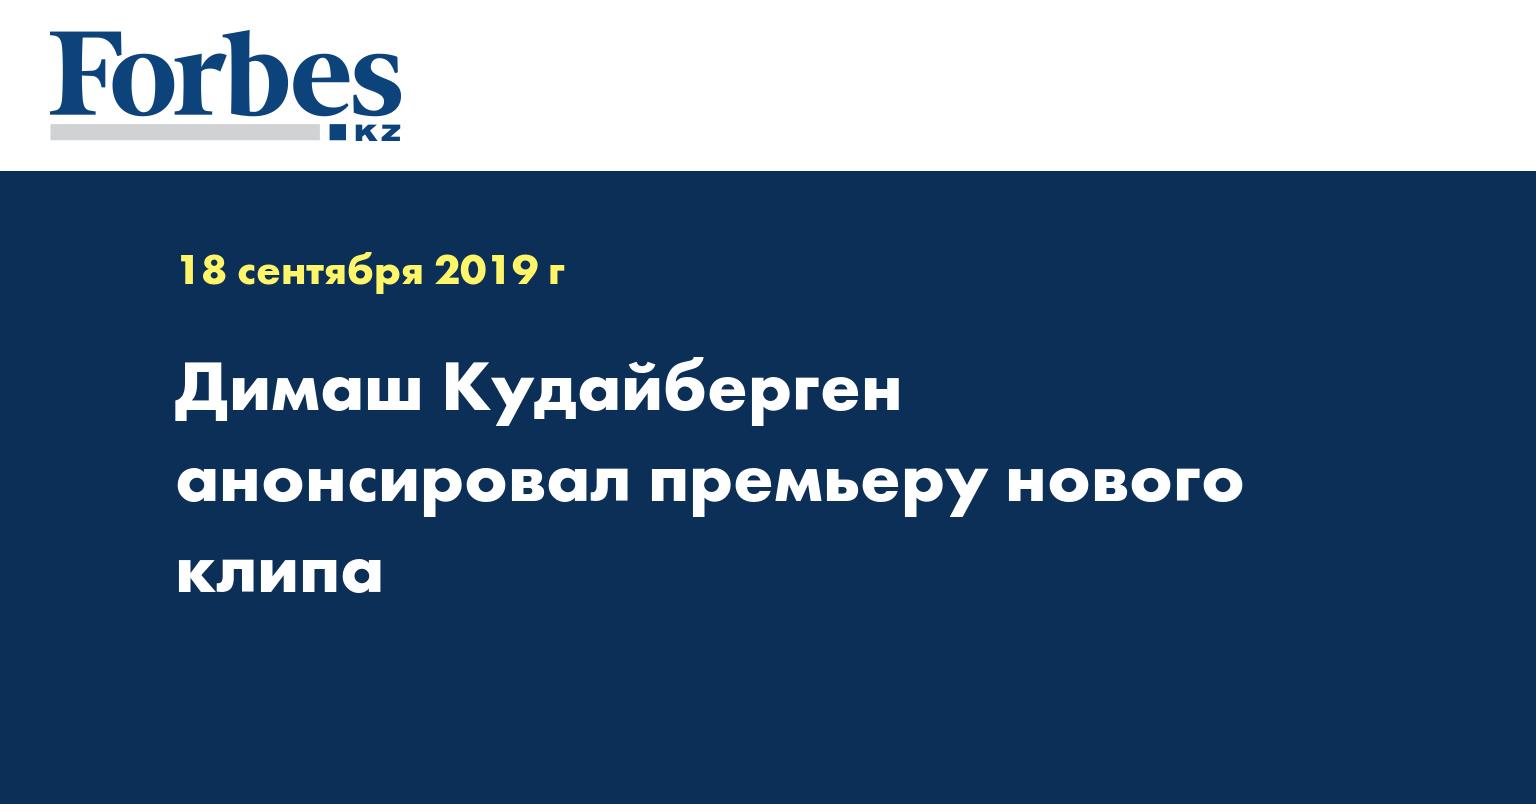 Димаш Кудайберген анонсировал премьеру нового клипа